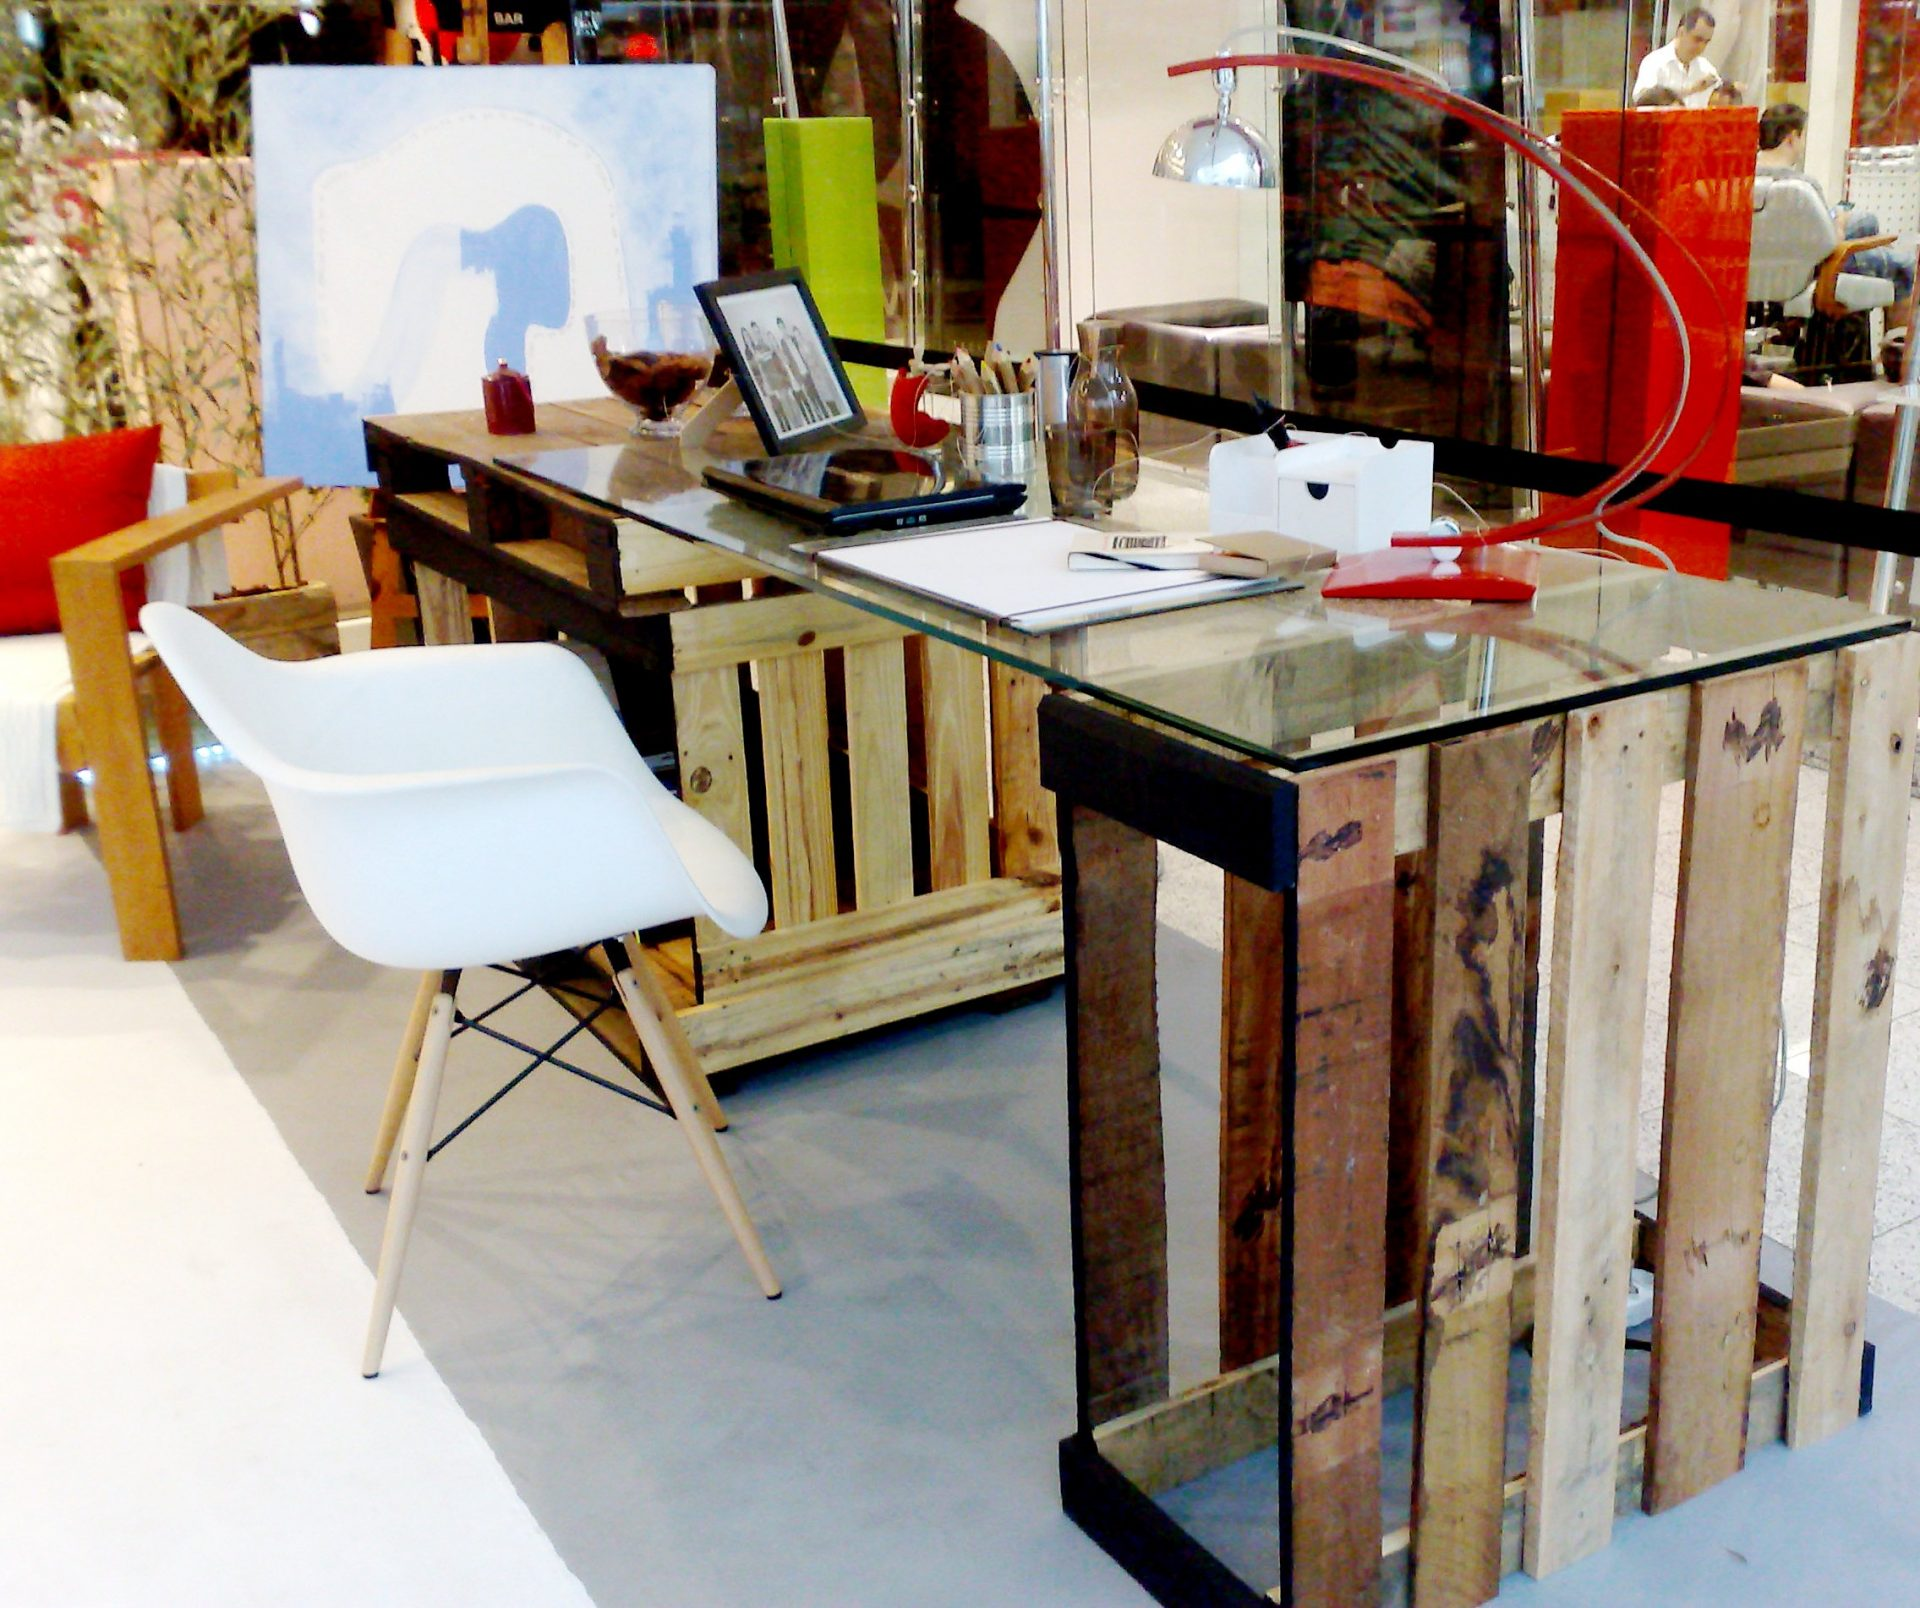 vista! Mesa feita com caixotes de madeira: ótima e linda ideia não #C41204 2271x1902